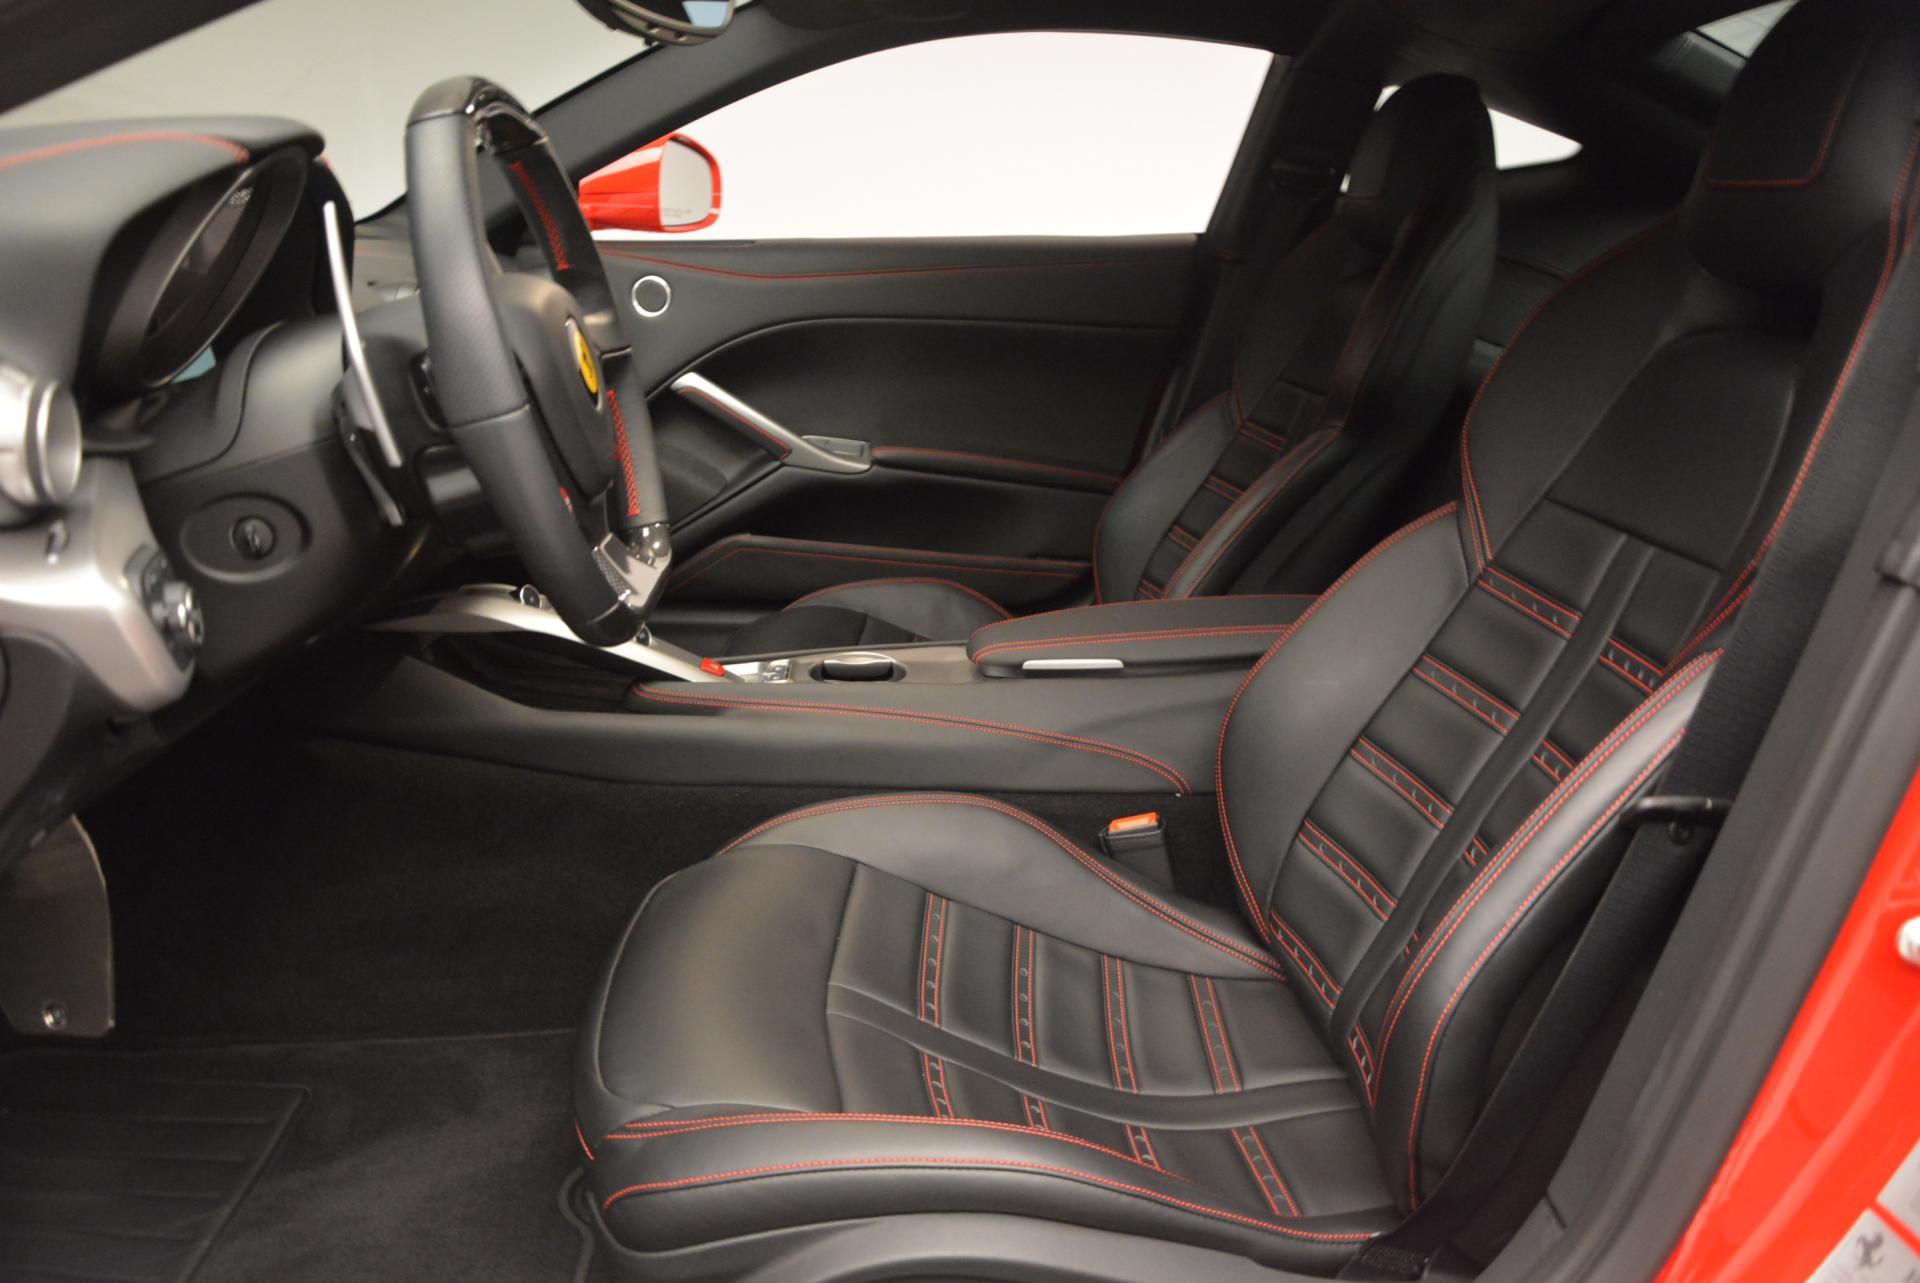 Used 2015 Ferrari F12 Berlinetta  For Sale In Greenwich, CT. Alfa Romeo of Greenwich, 4337 545_p13